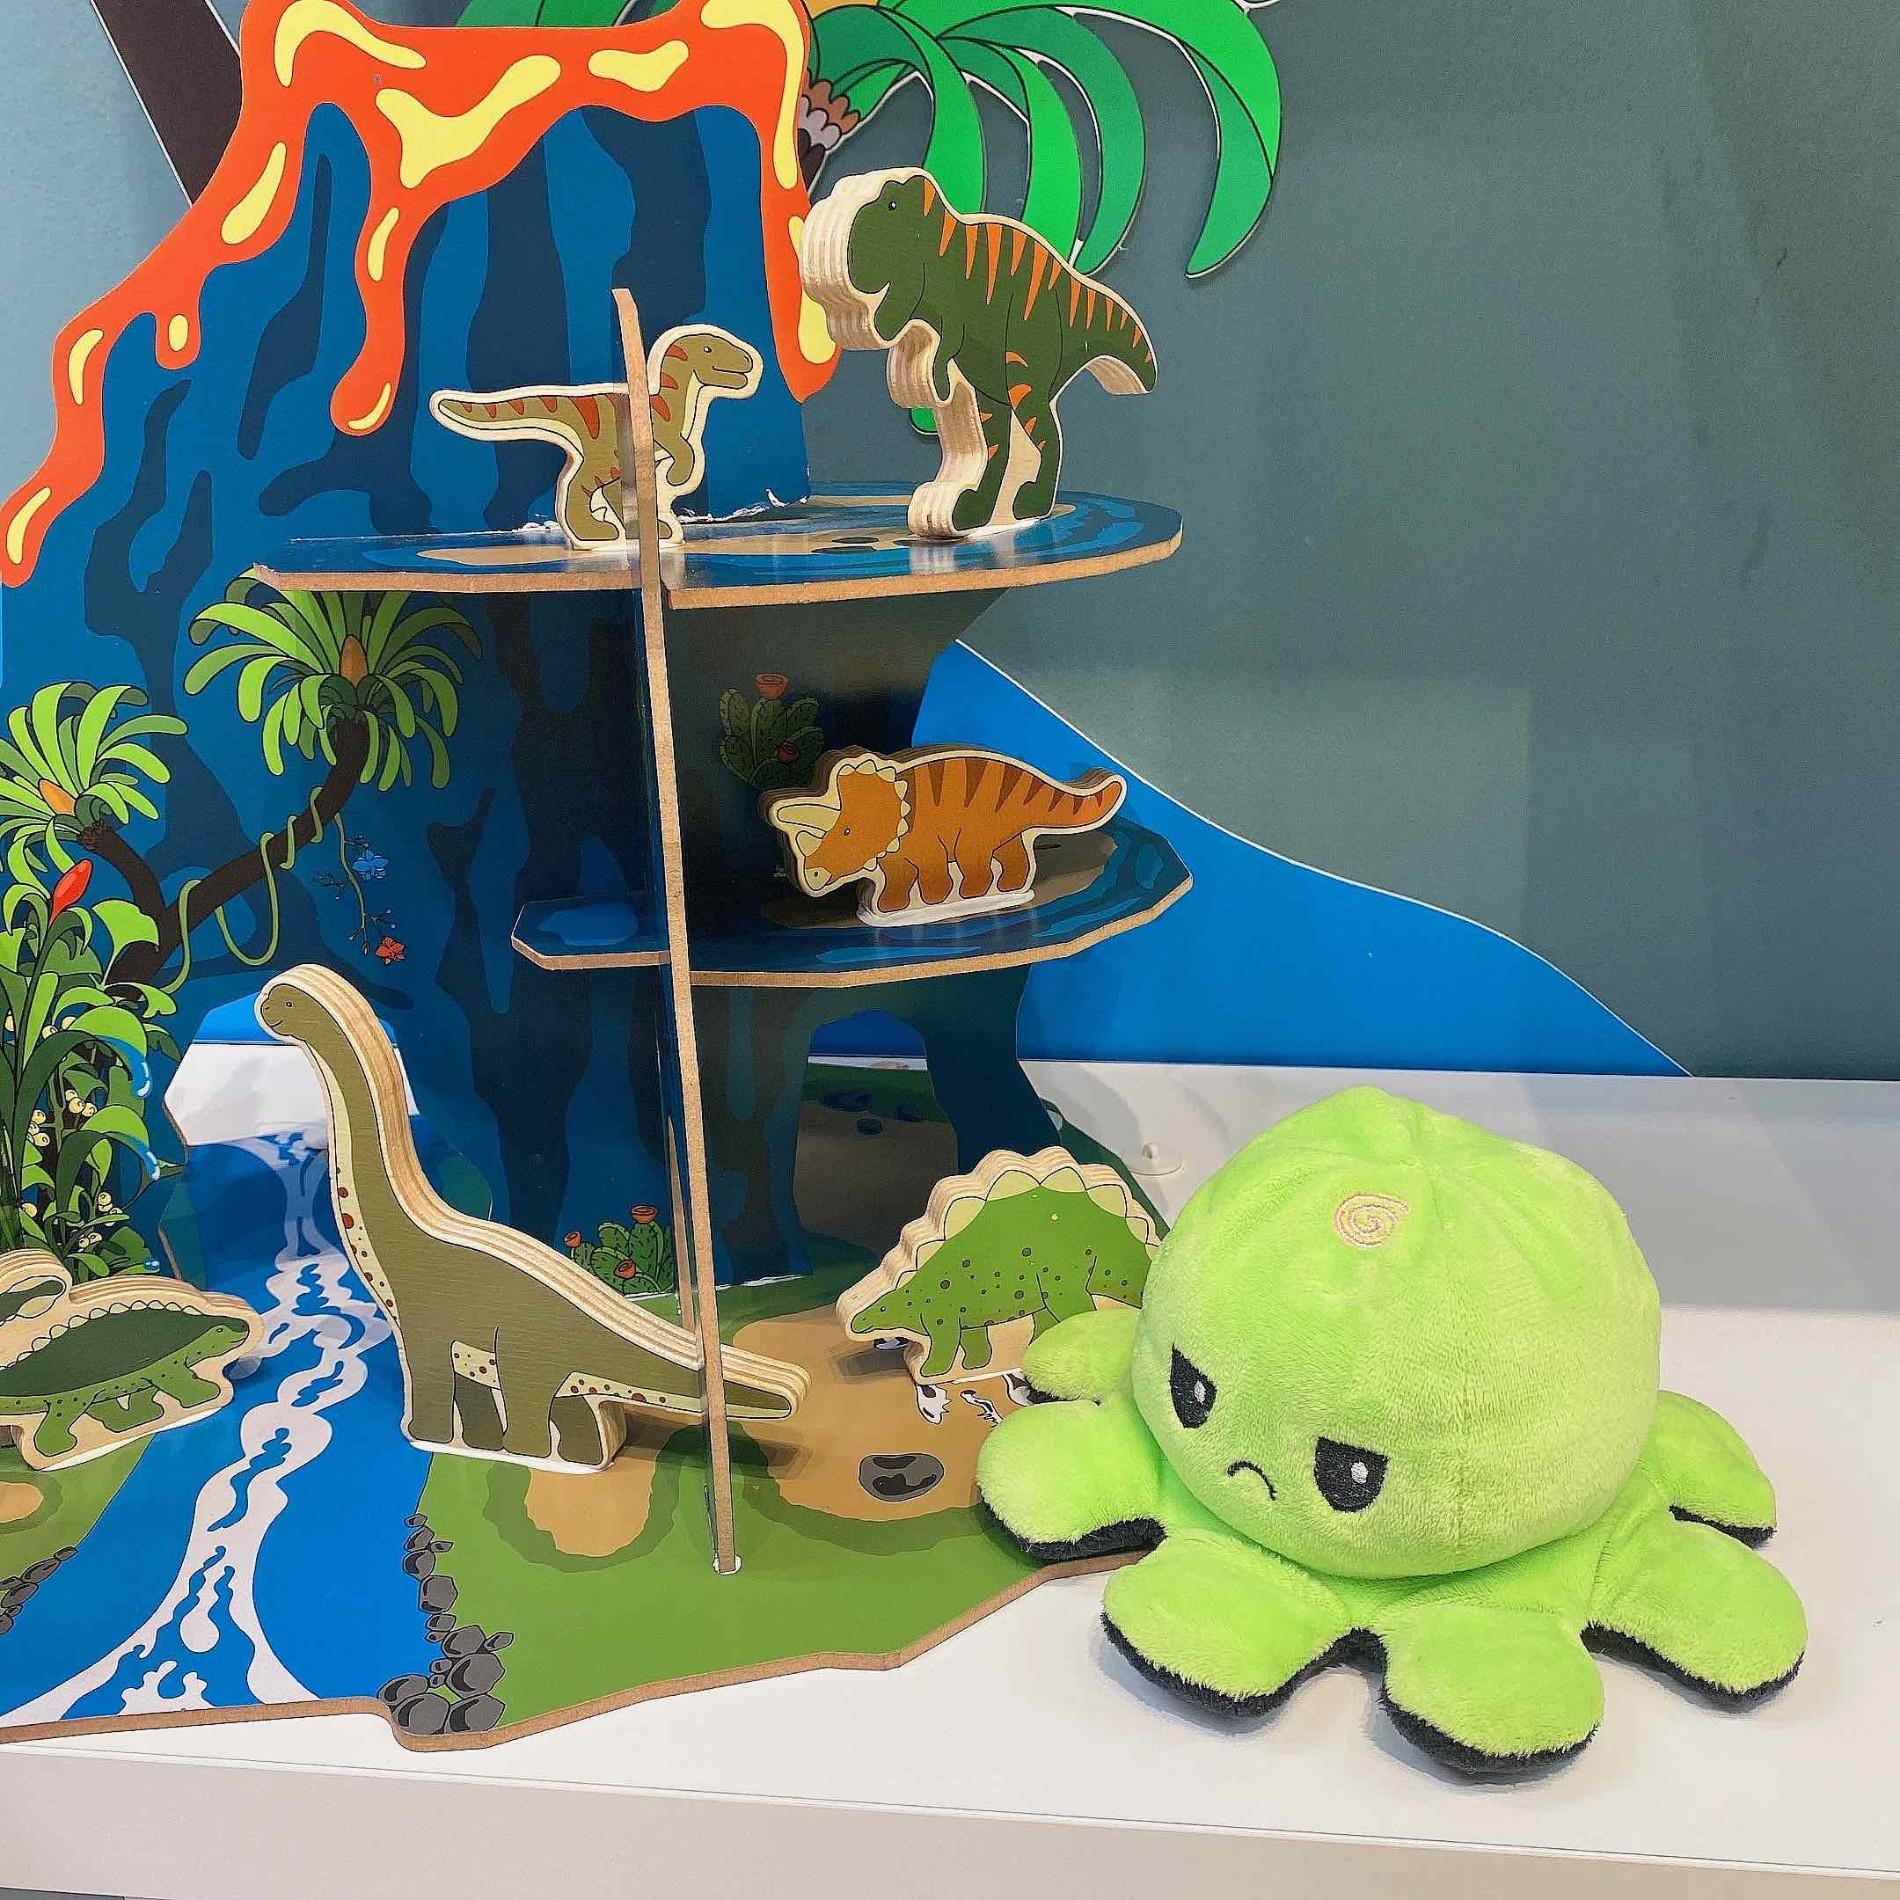 Reversible Octopus Plush Baby Gift Plushie Hot selling plush Toy